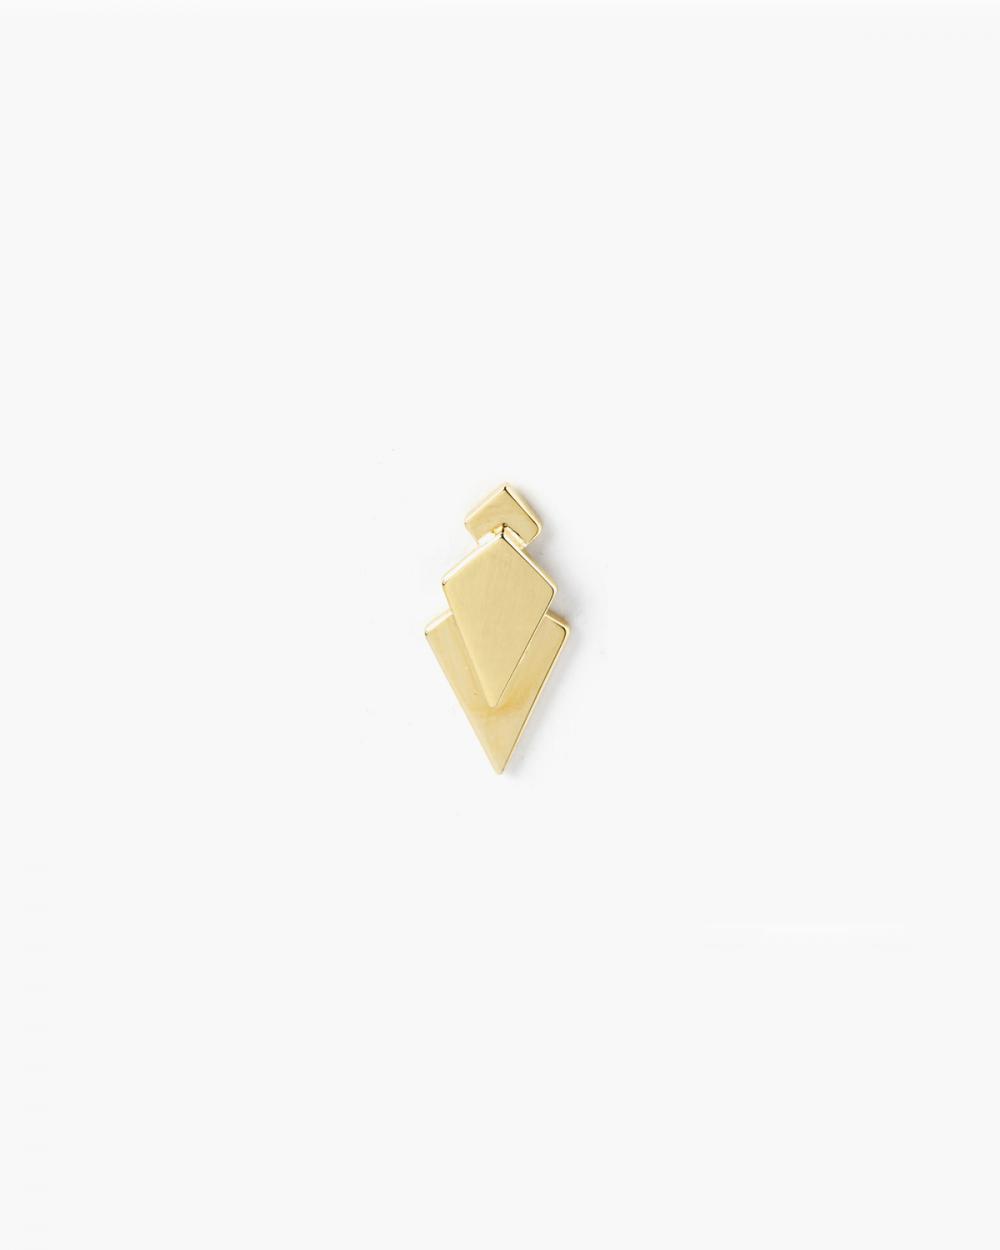 Earrings YELLOW GOLD PRISM SINGLE LOBE EARRING NOVE25